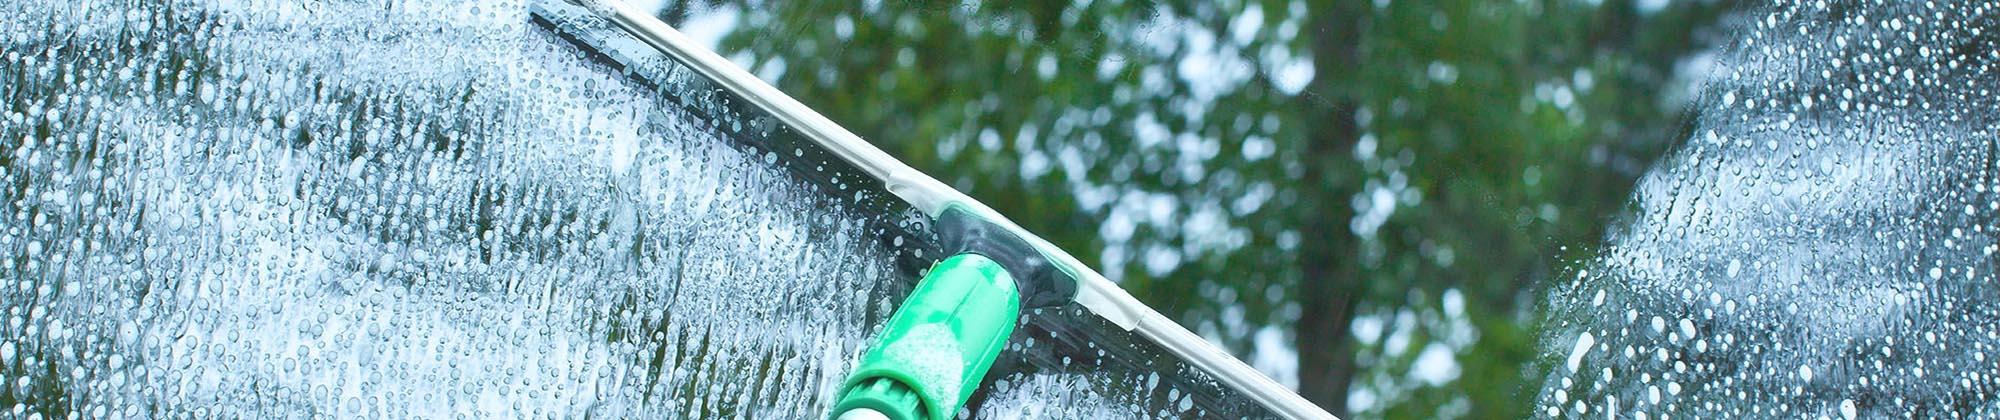 fensterreinigung_reinigungsservice-finden.de_reinigungsportal_k